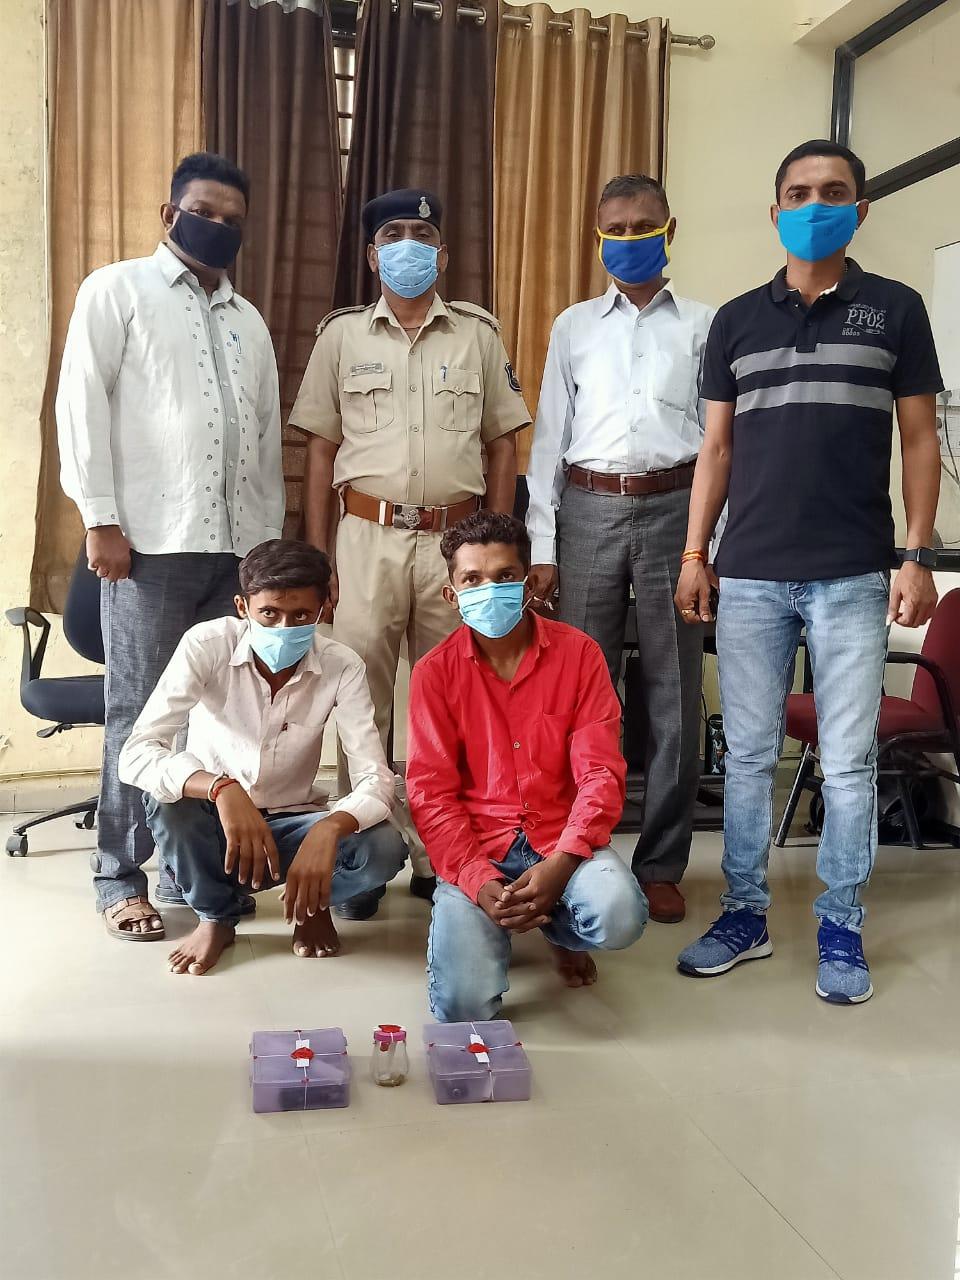 Photo of ખેડા જિલ્લાના ગળતેશ્વર તાલુકાની જૂની ચેક પોસ્ટ પર થી ભારતીય બનાવટની પીસ્ટોલ સાથે બે આરોપી પકડાયા